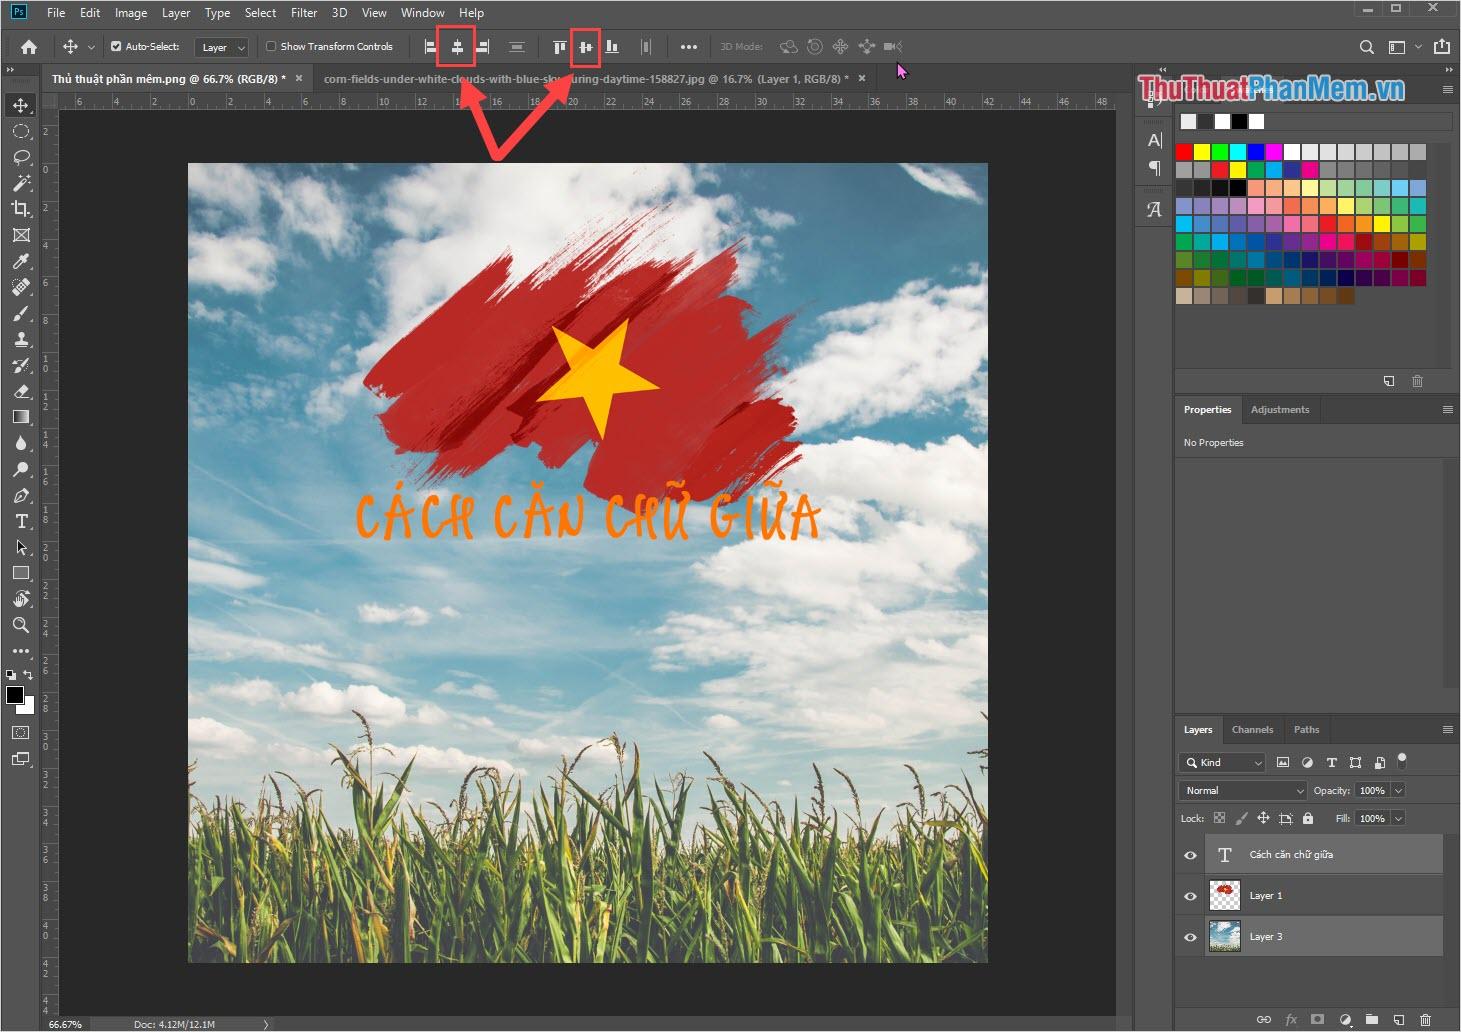 Chọn Align horizontal center (căn dọc chính giữa) và Align vertical center (căn ngang chính giữa) để đưa nội dung chữ ra chính giữa hình ảnh